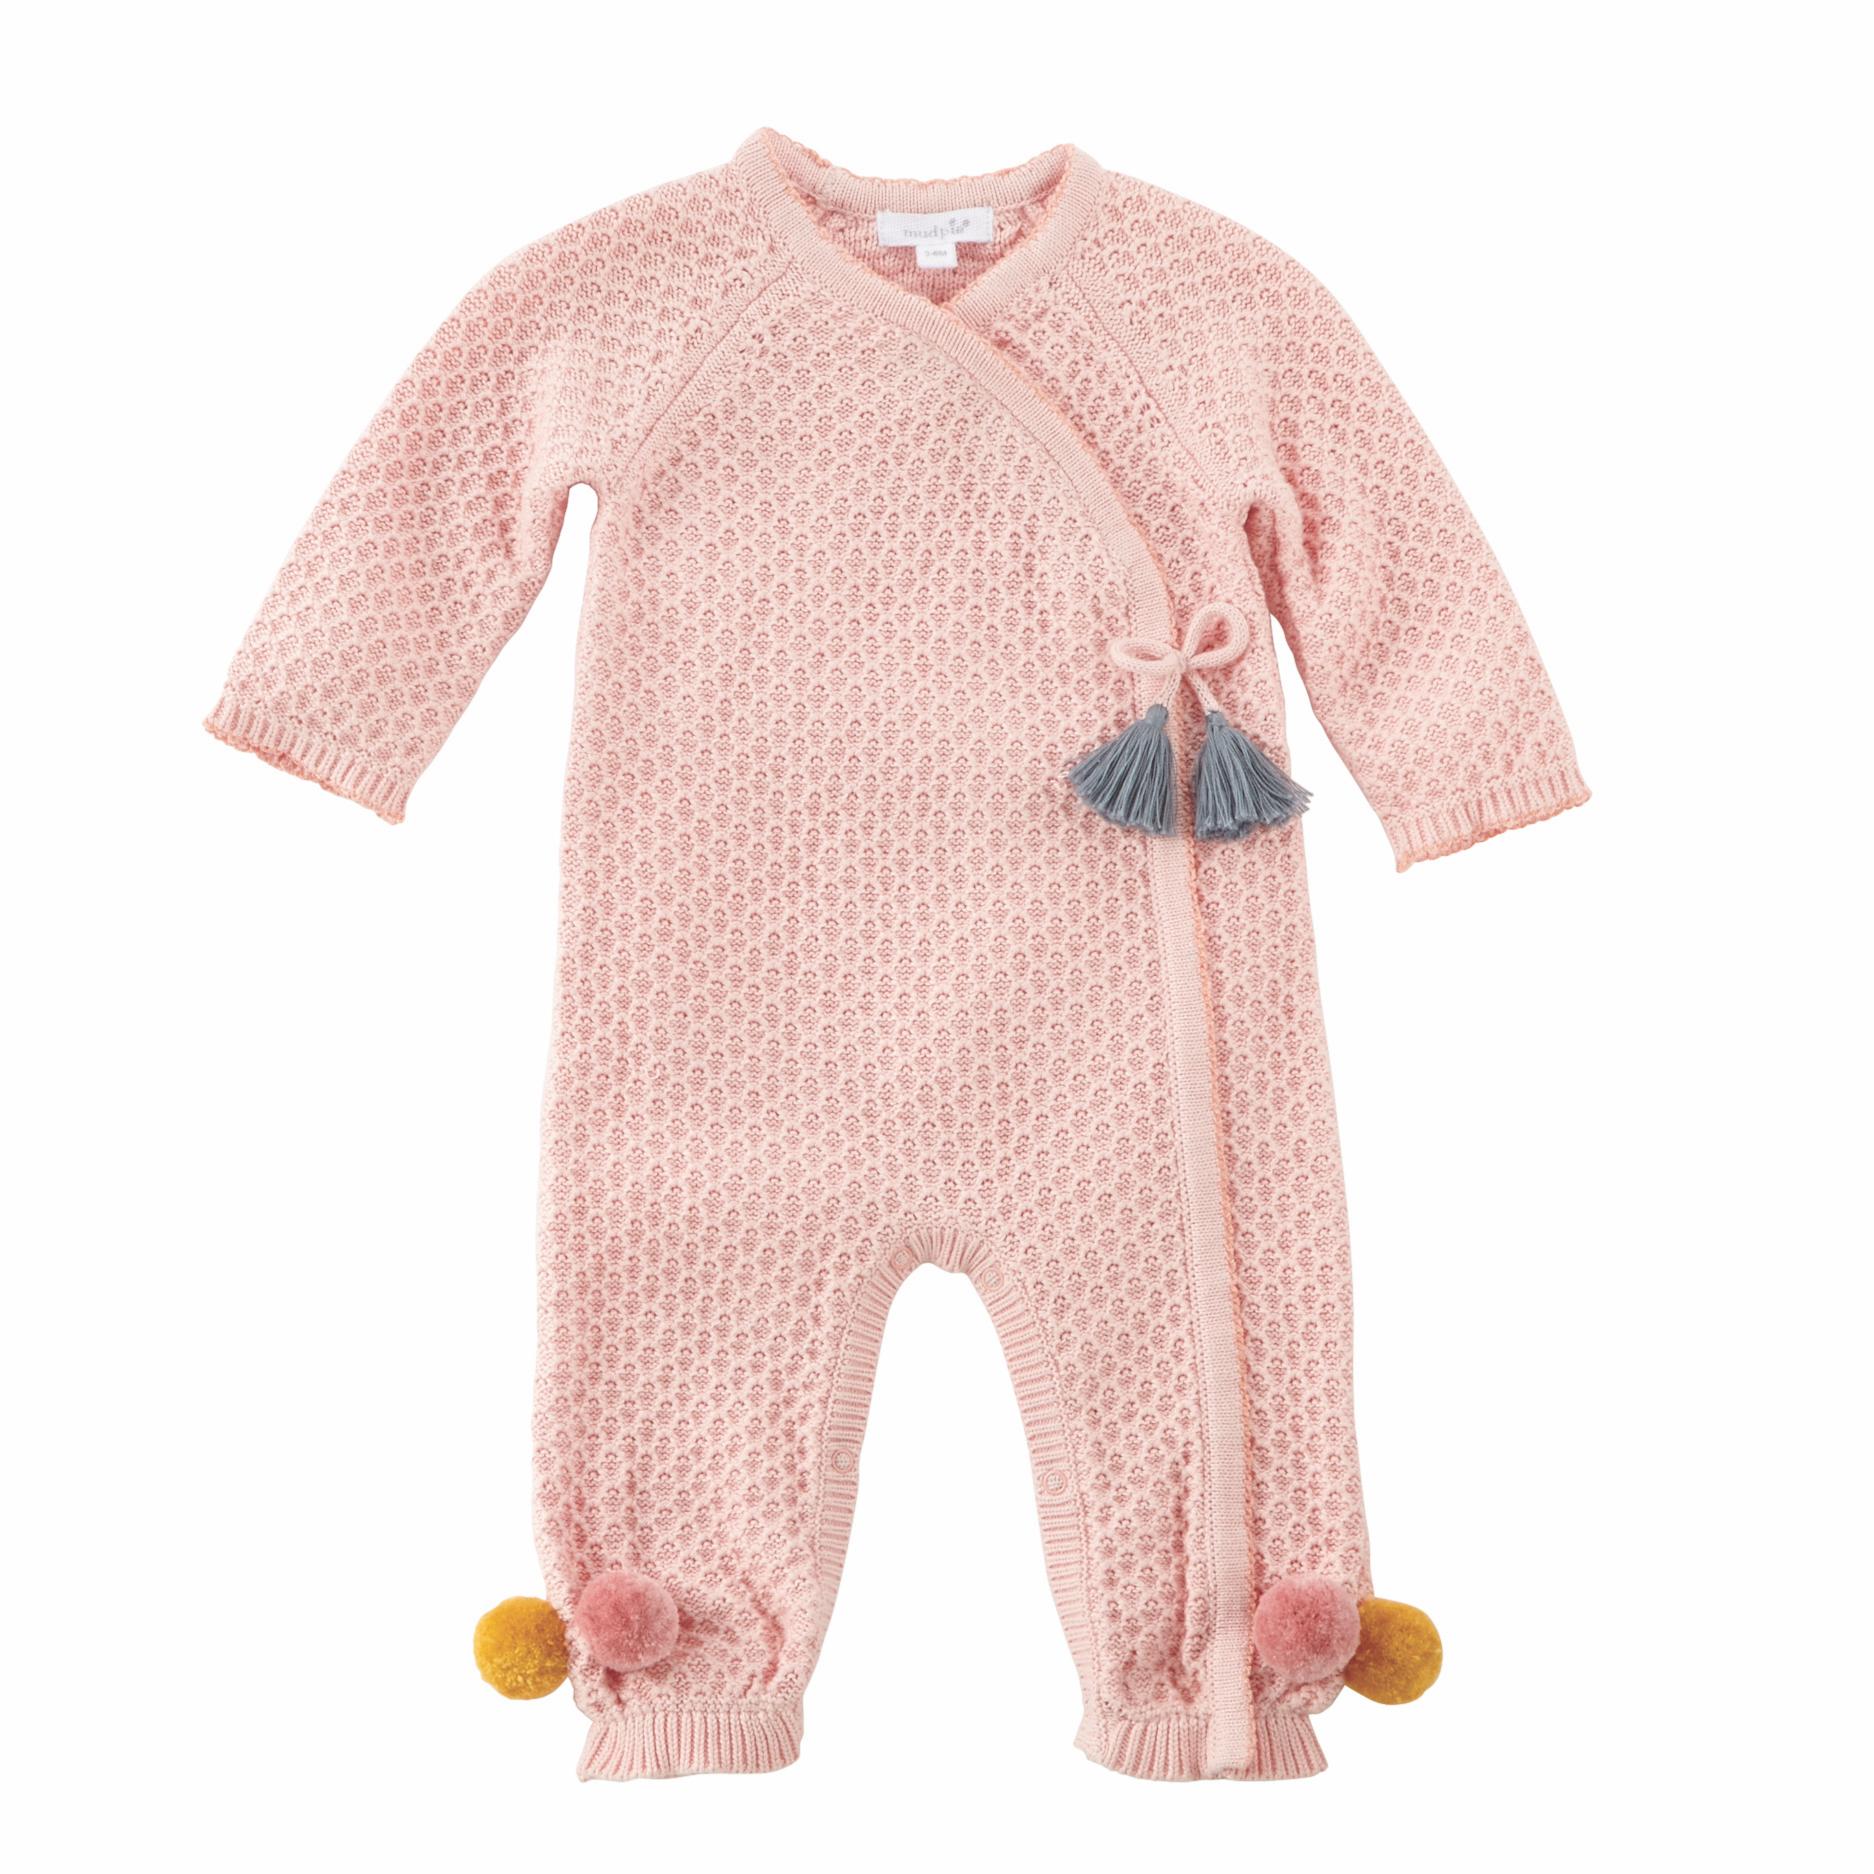 This Blush Pointelle Knit Kimono-style One-piece Features